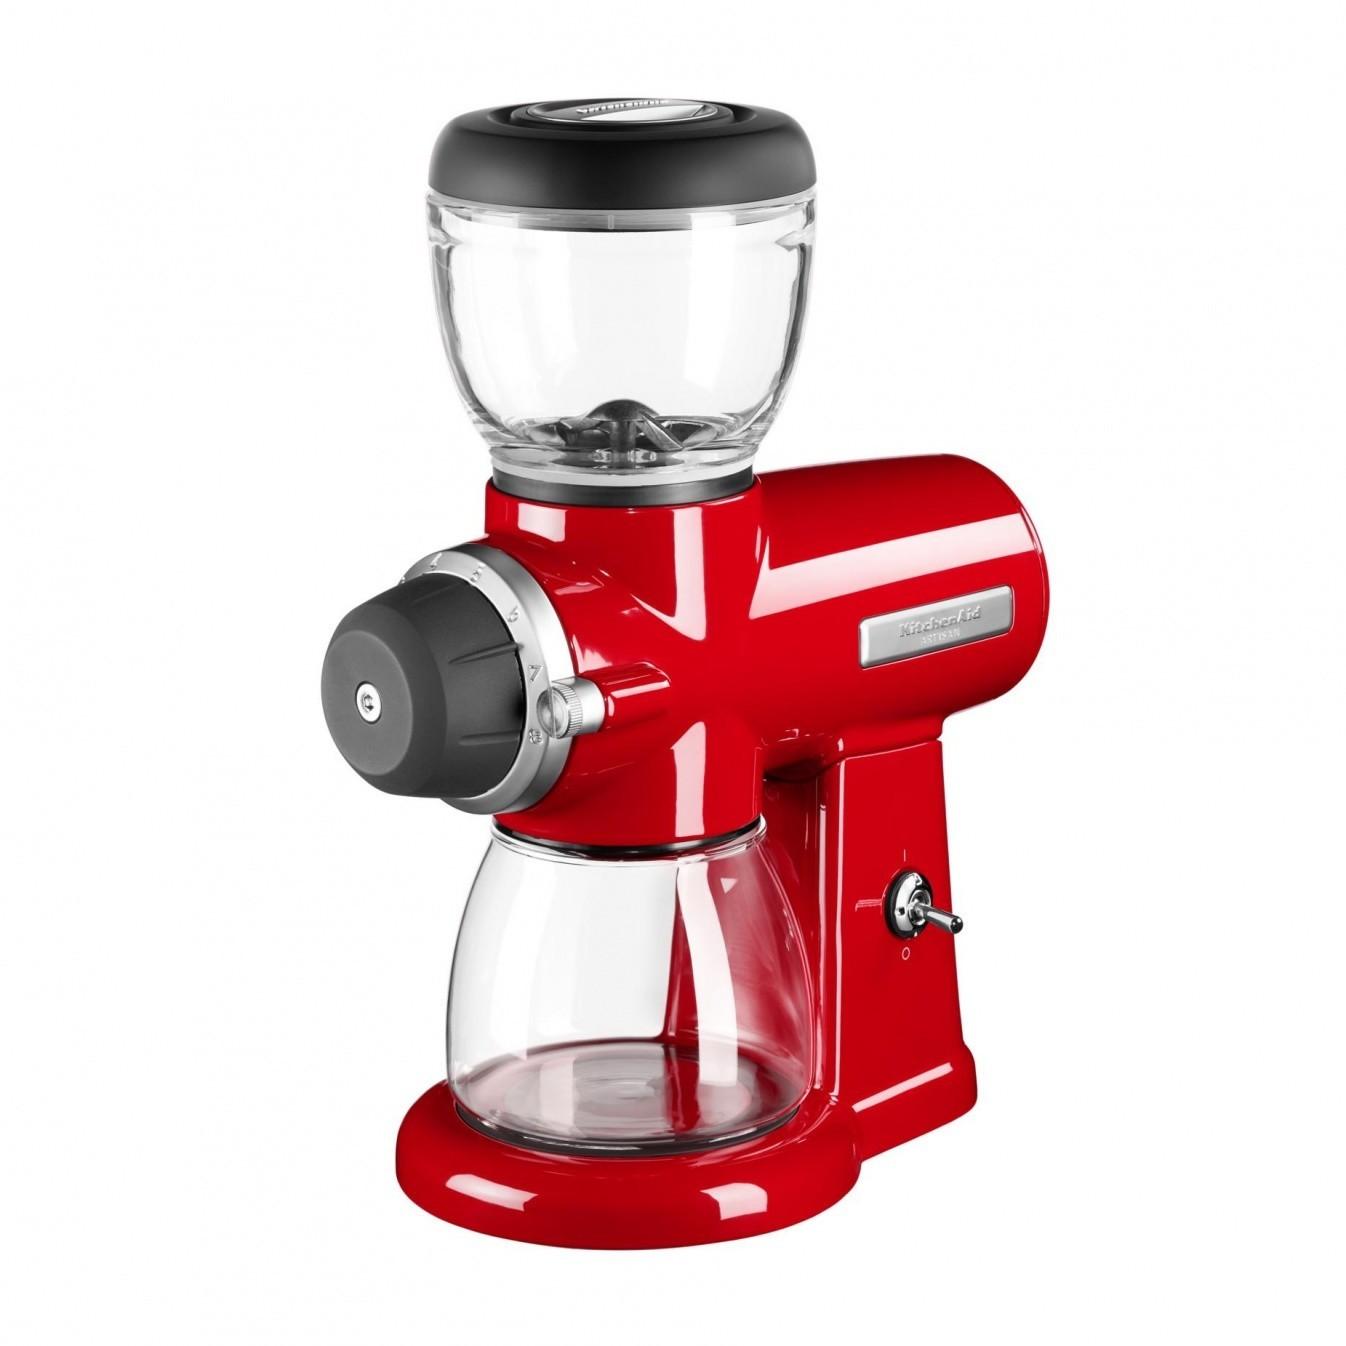 KitchenAid Artisan 5KCG0702 Kaffeemühle | AmbienteDirect